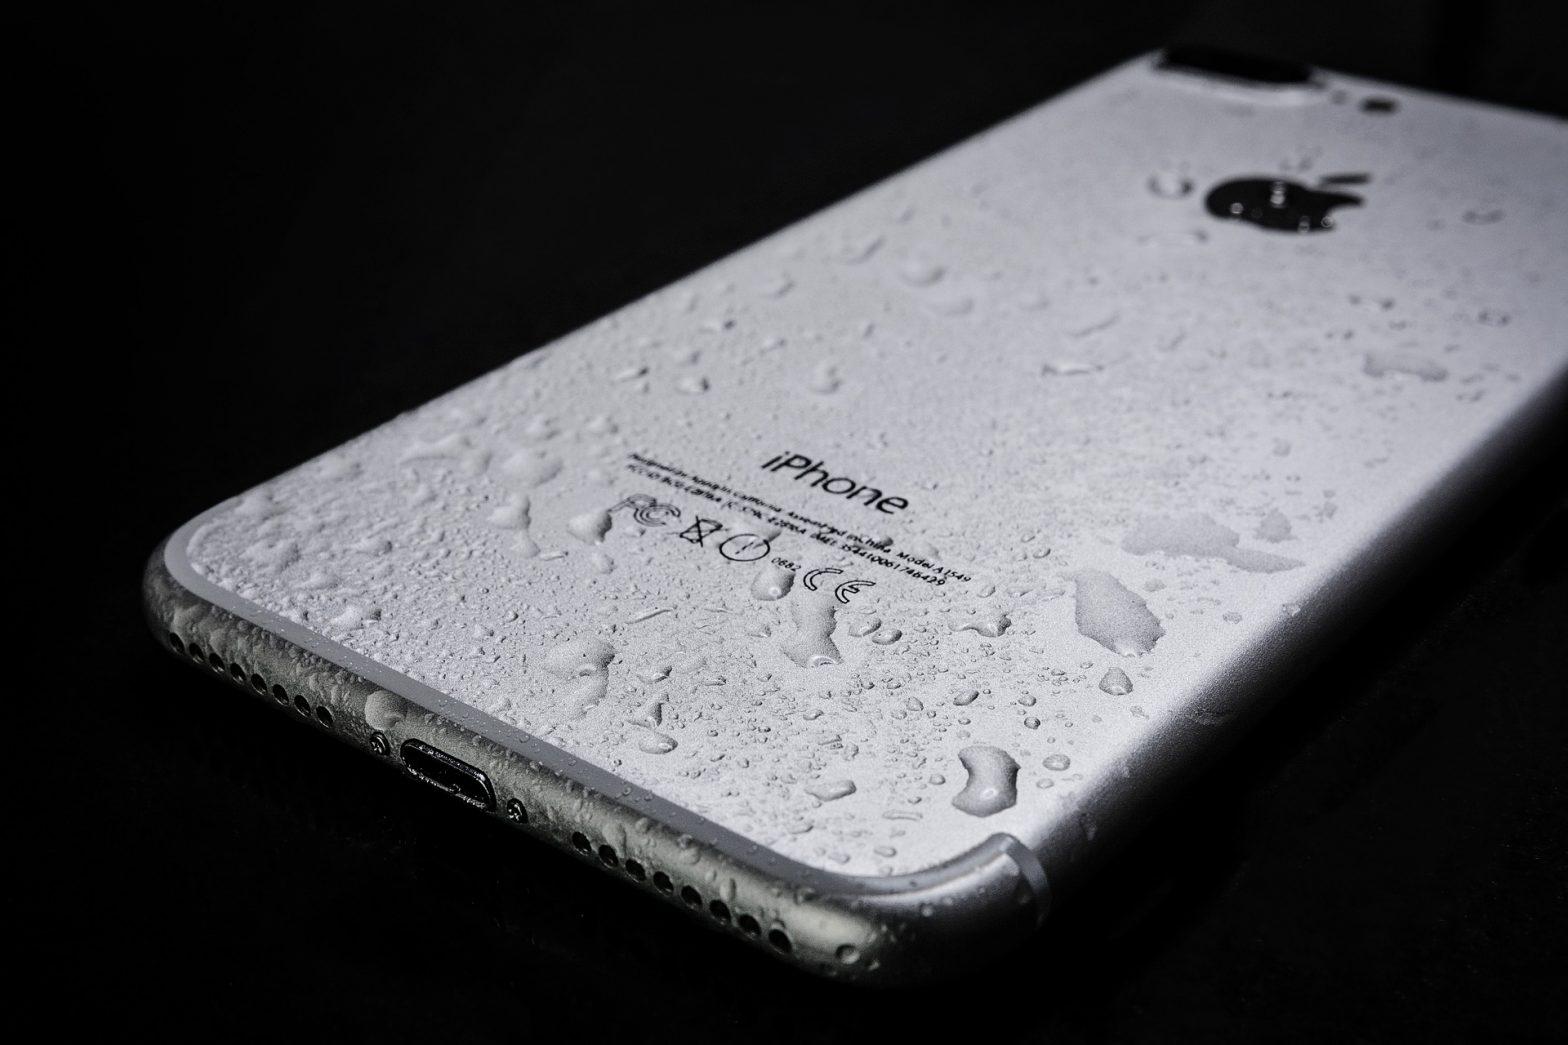 bd451f99aa0d3 Jednym z podstawowych akcesoriów do telefonów jest bez wątpienie etui,  którego głównym zadaniem jest ochrona urządzenia przed szkodliwym  działaniem wielu ...